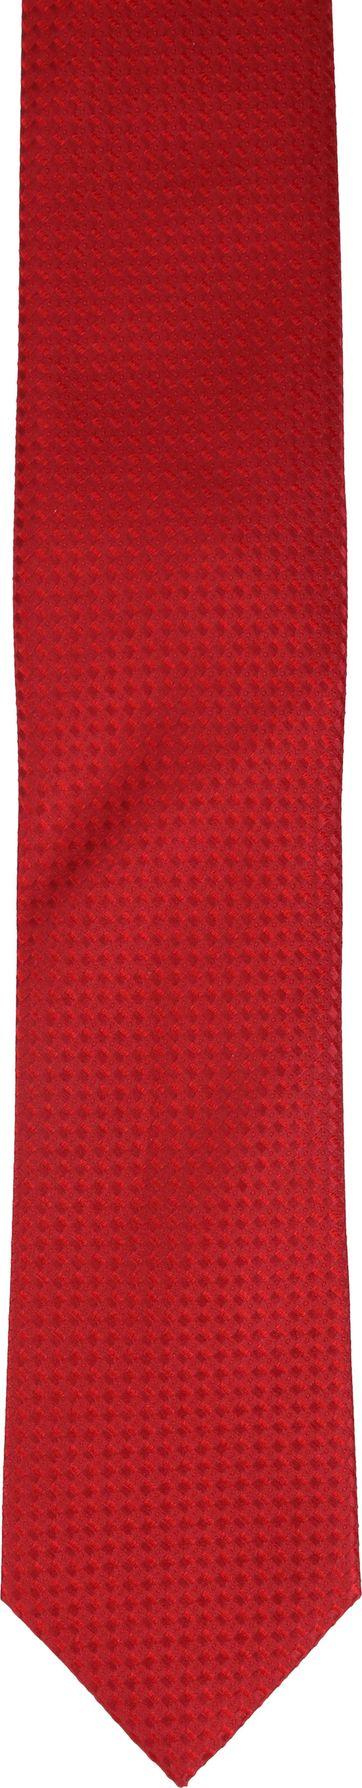 Krawatte Seide Rot Muster K82-12